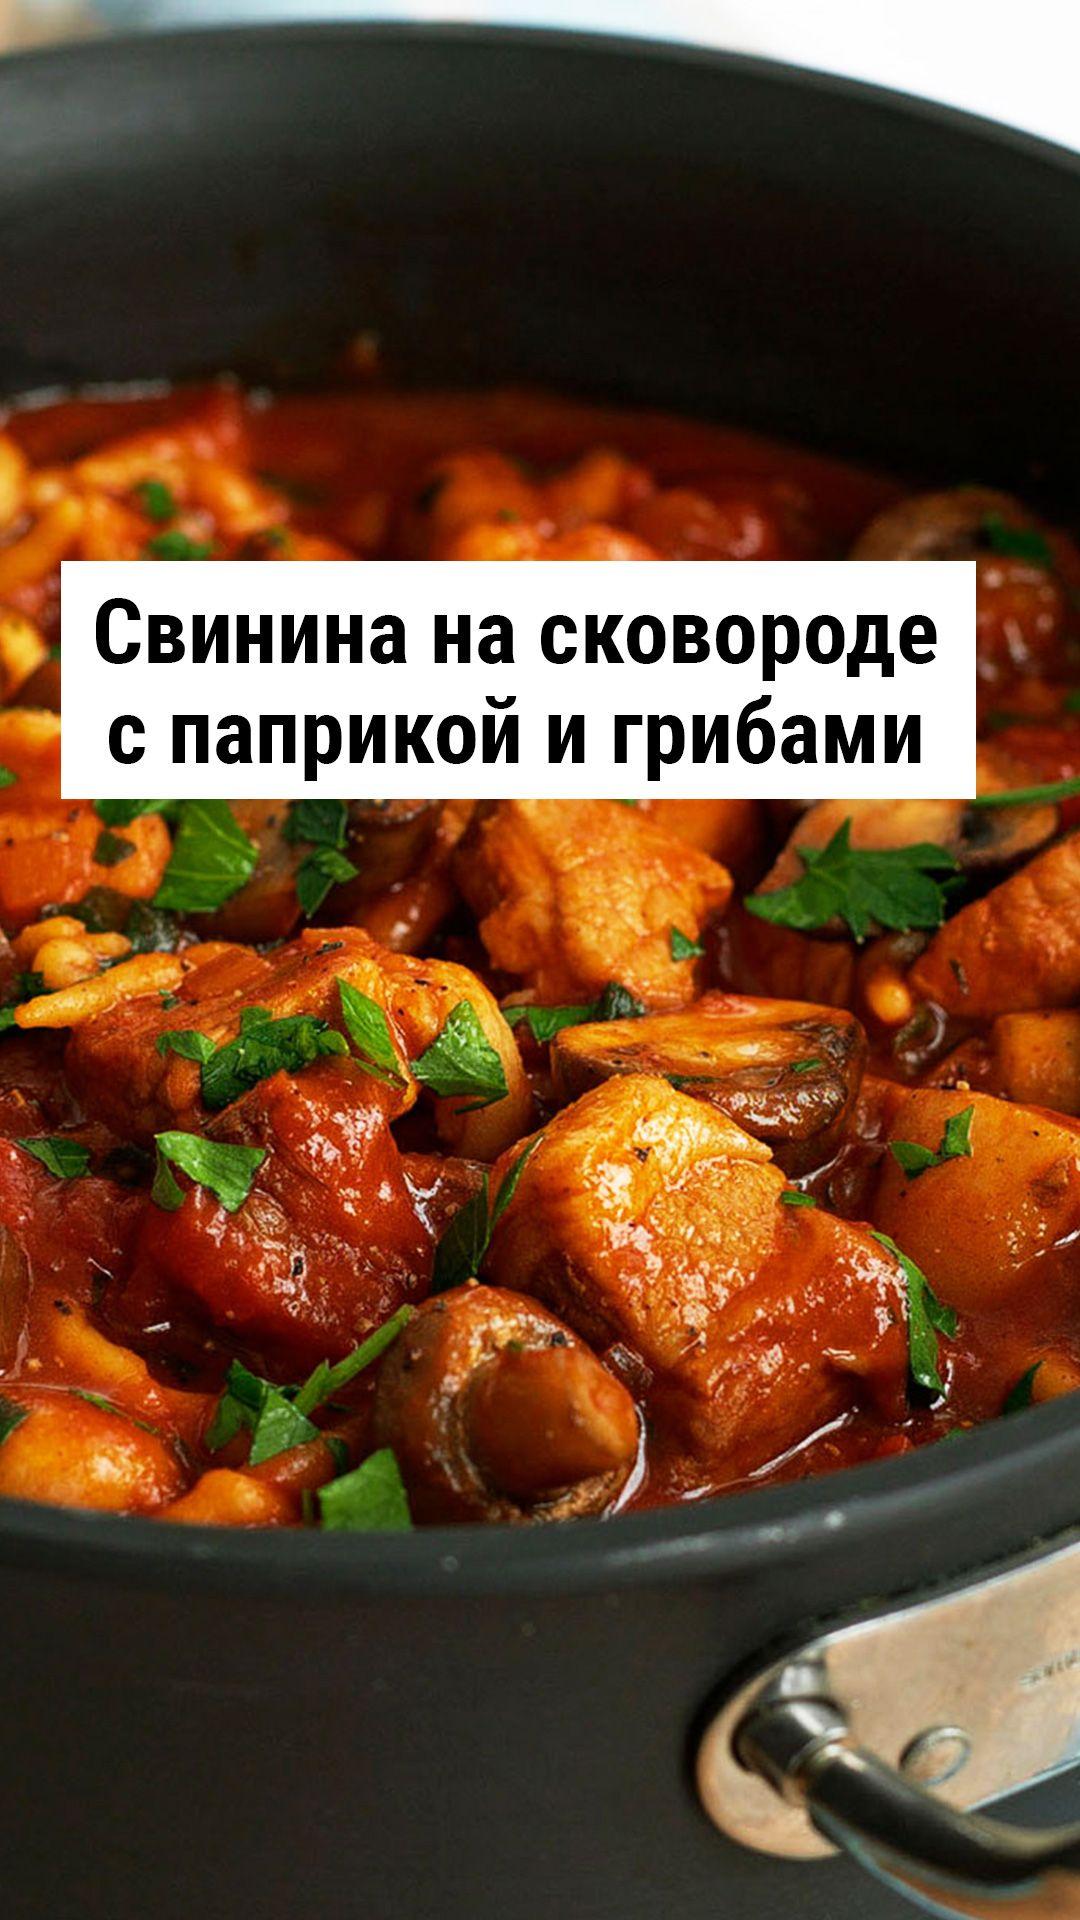 Тушеная свинина с грибами: 6 рецептов приготовления - onwomen.ru